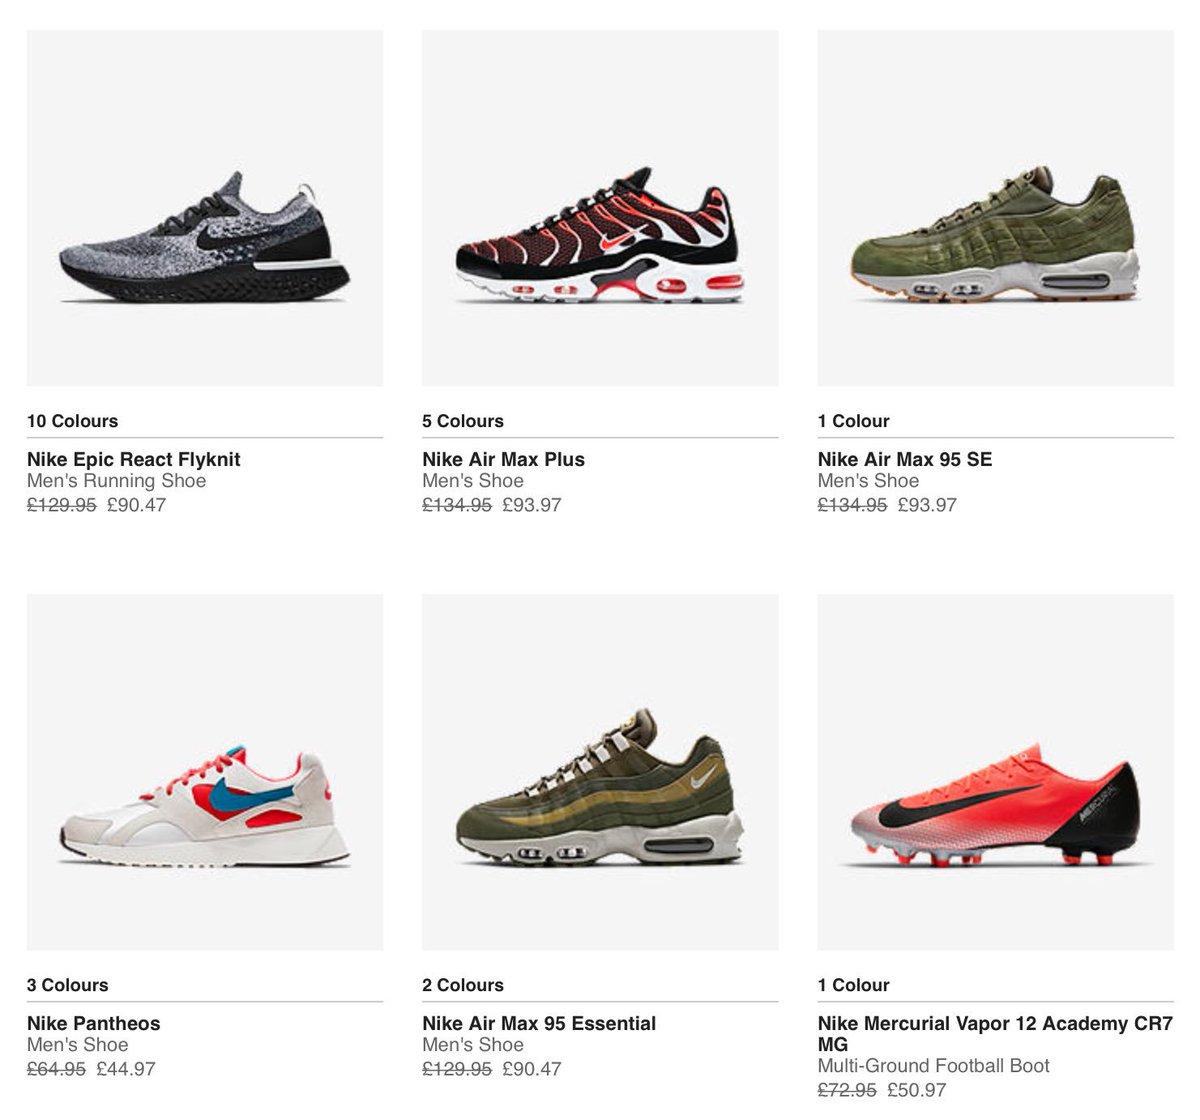 Sneaker Deals GB on Twitter: